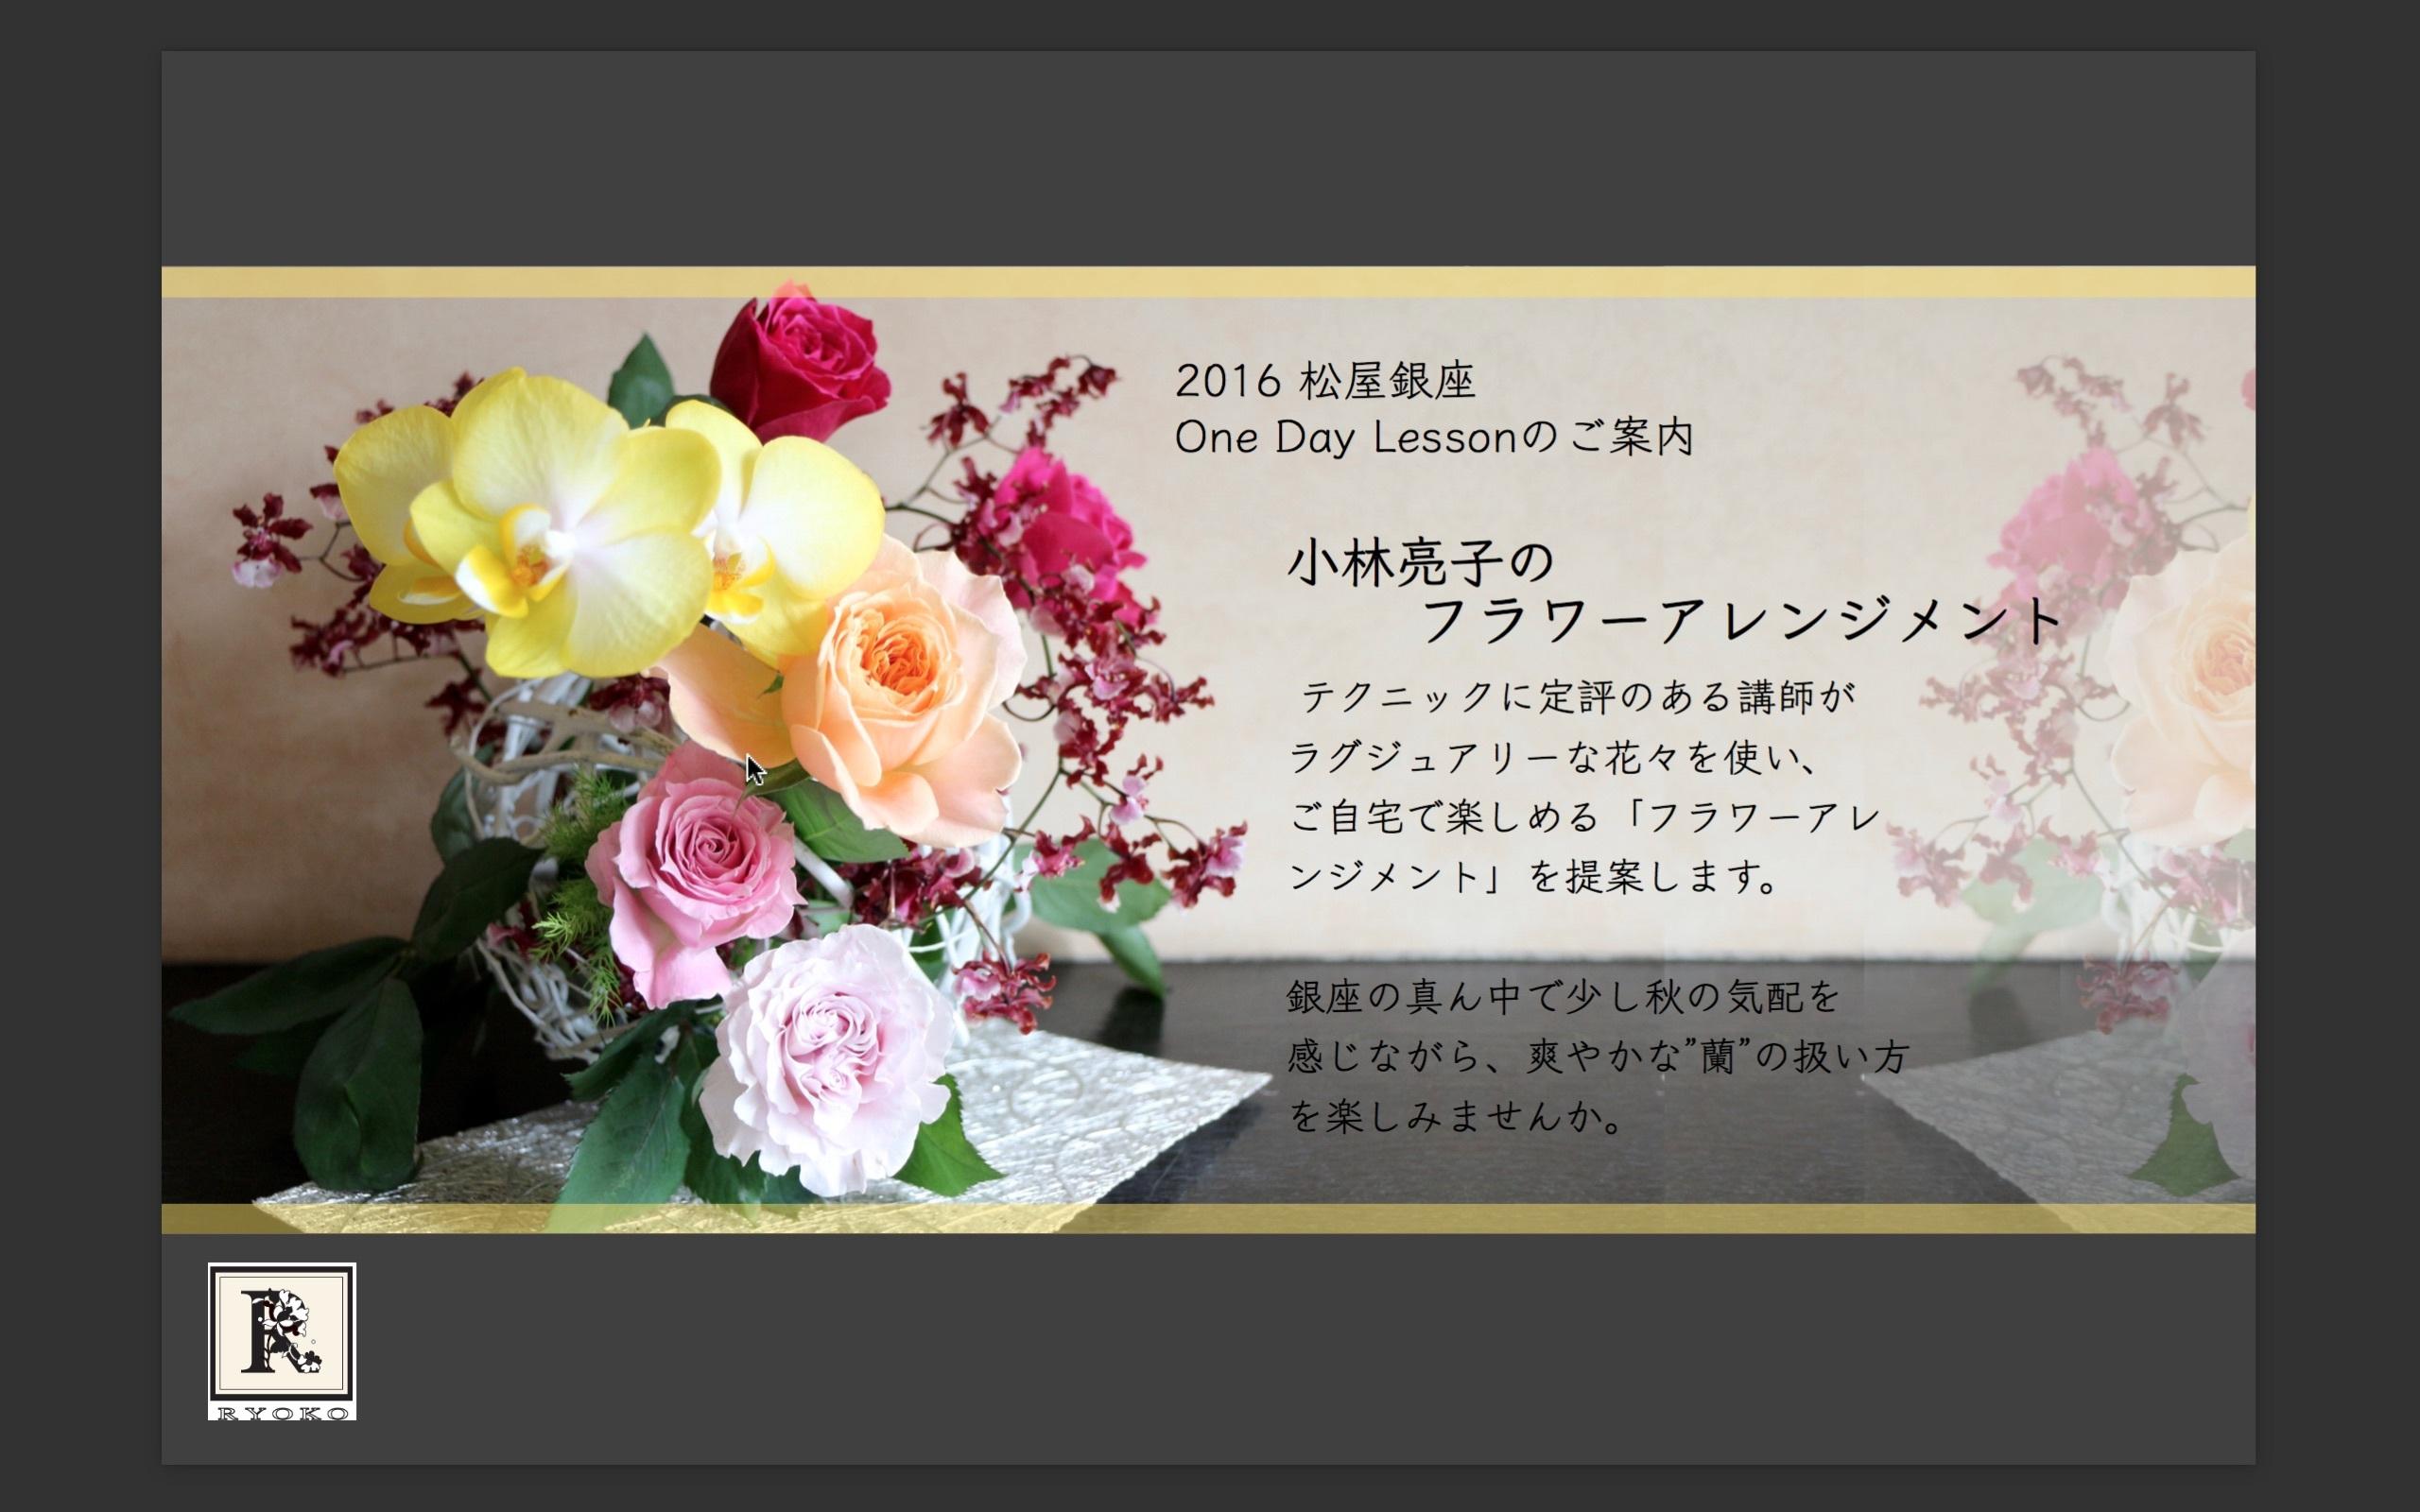 「お花にひたすらに向き合う」時間をぜひご一緒にいかがですか_c0128489_17091575.jpg